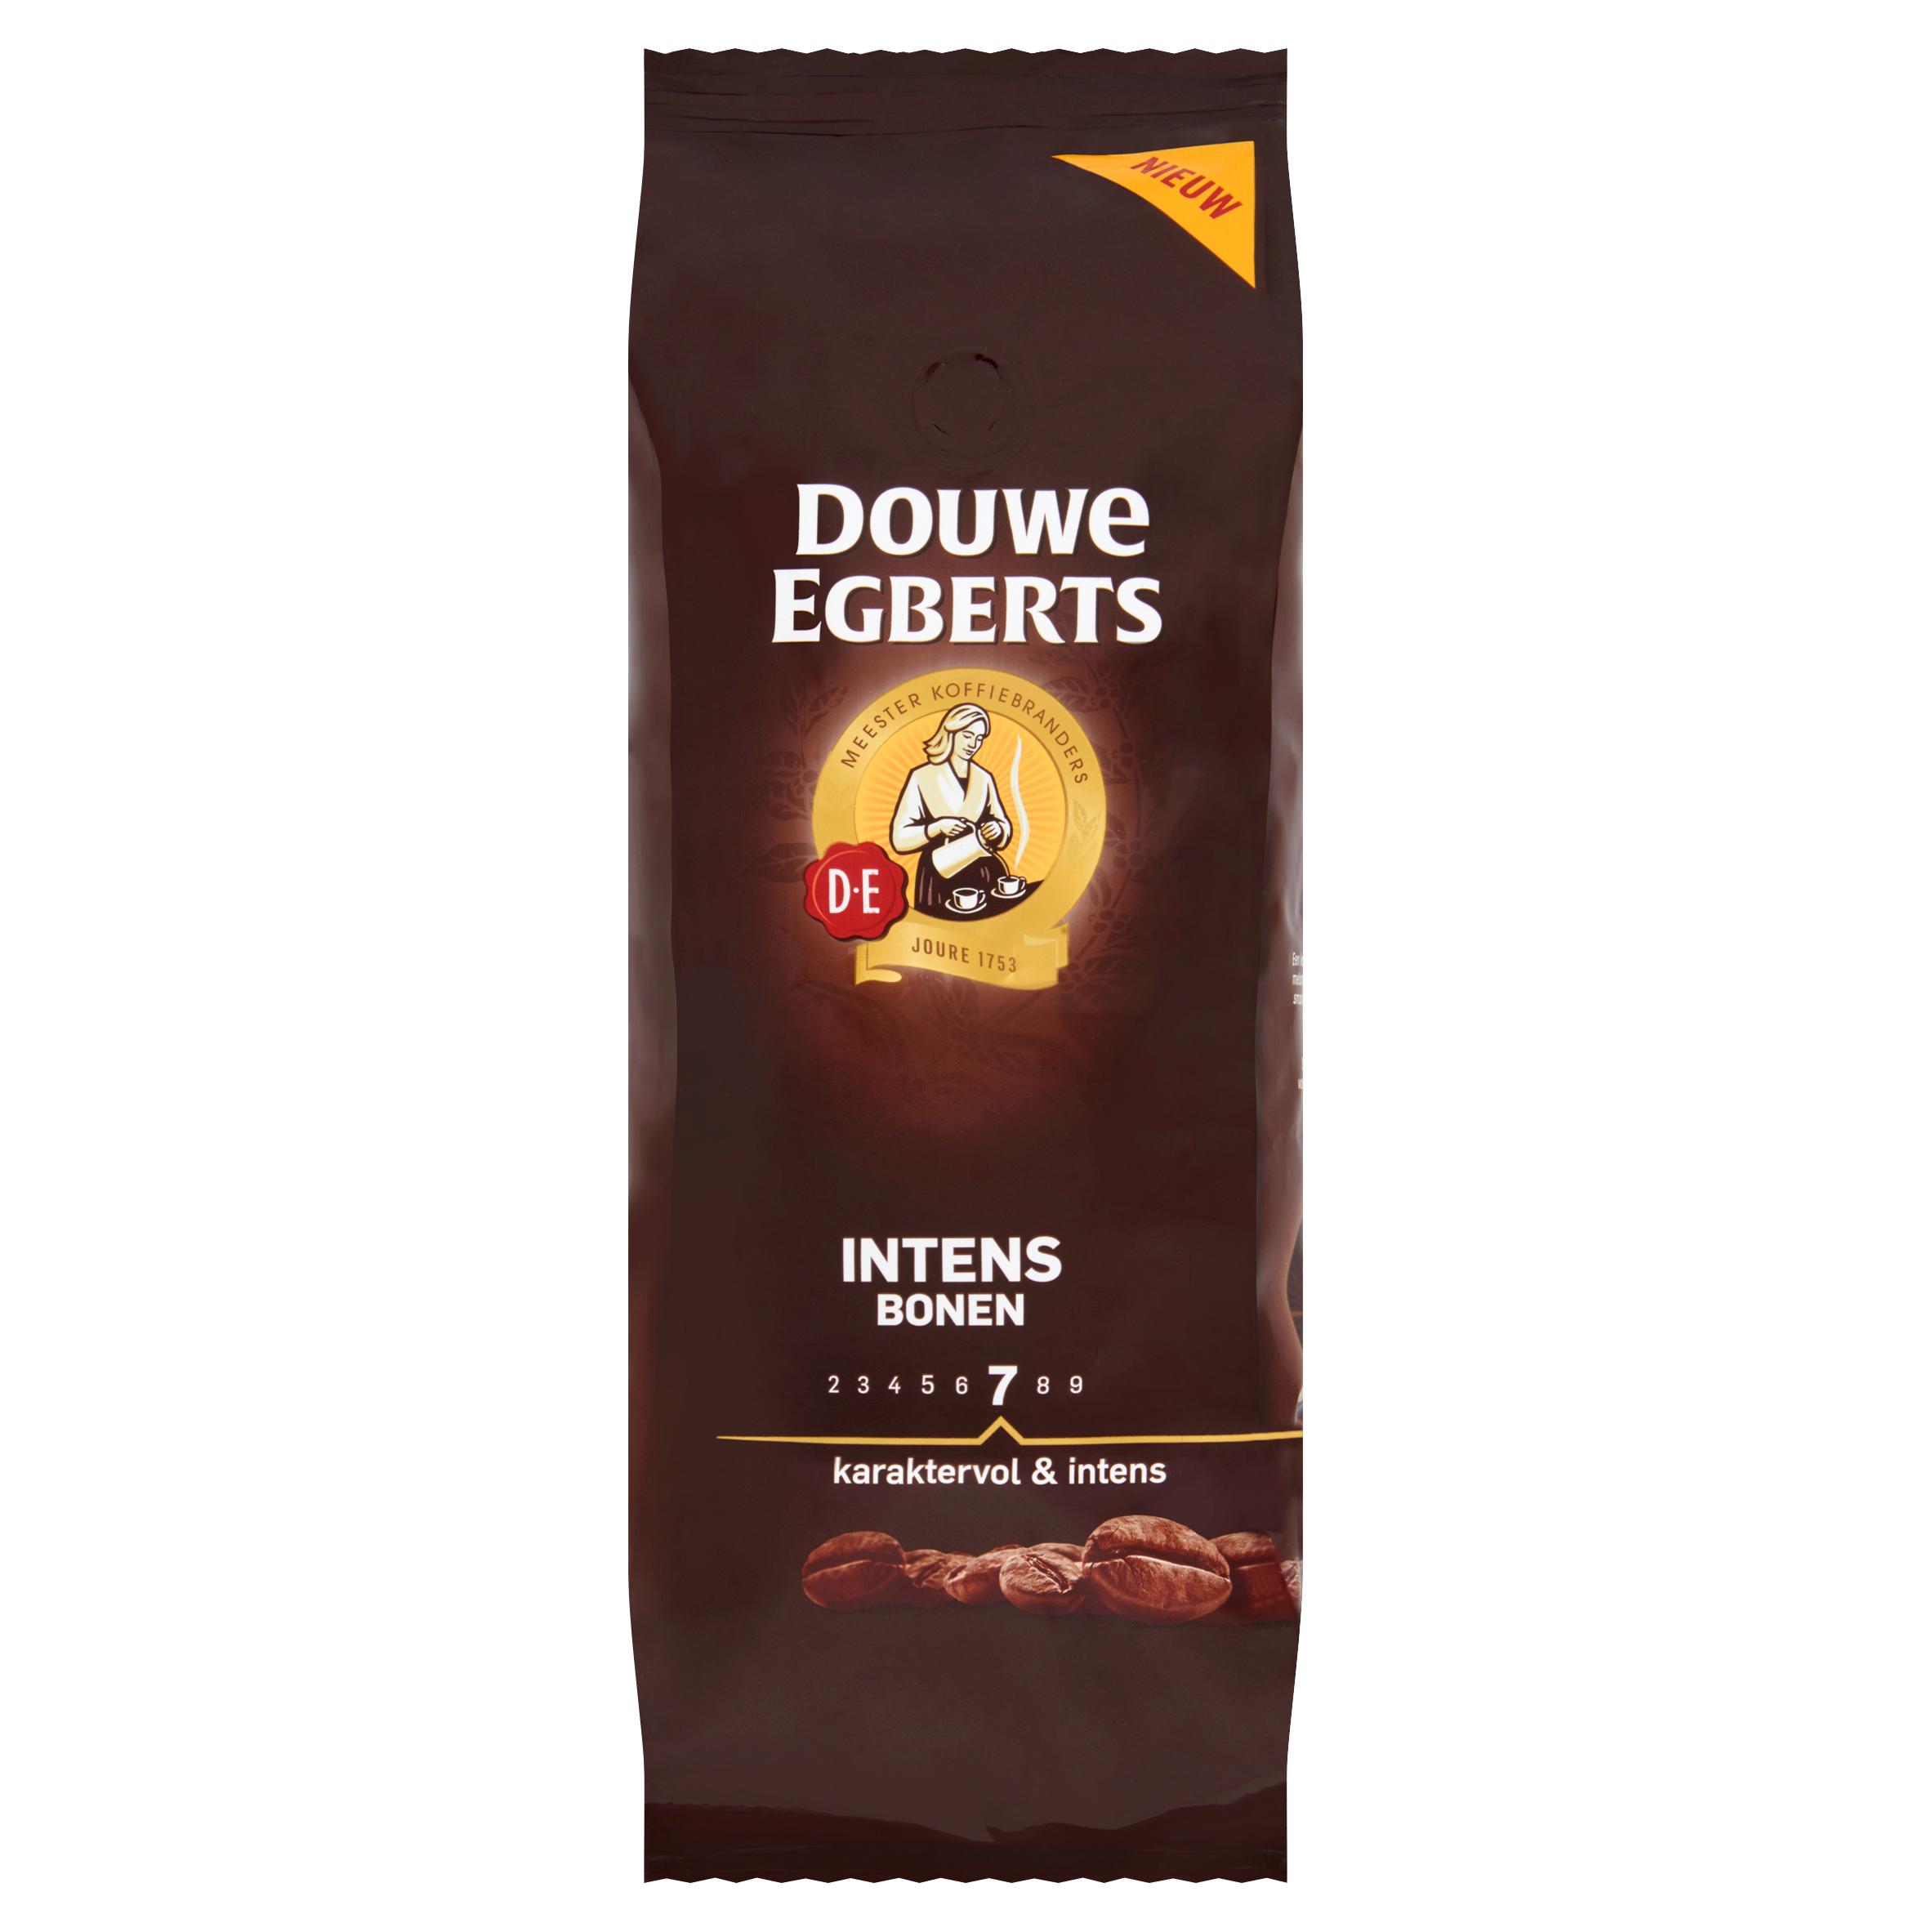 Douwe Egberts Intens Koffiebonen 500 g